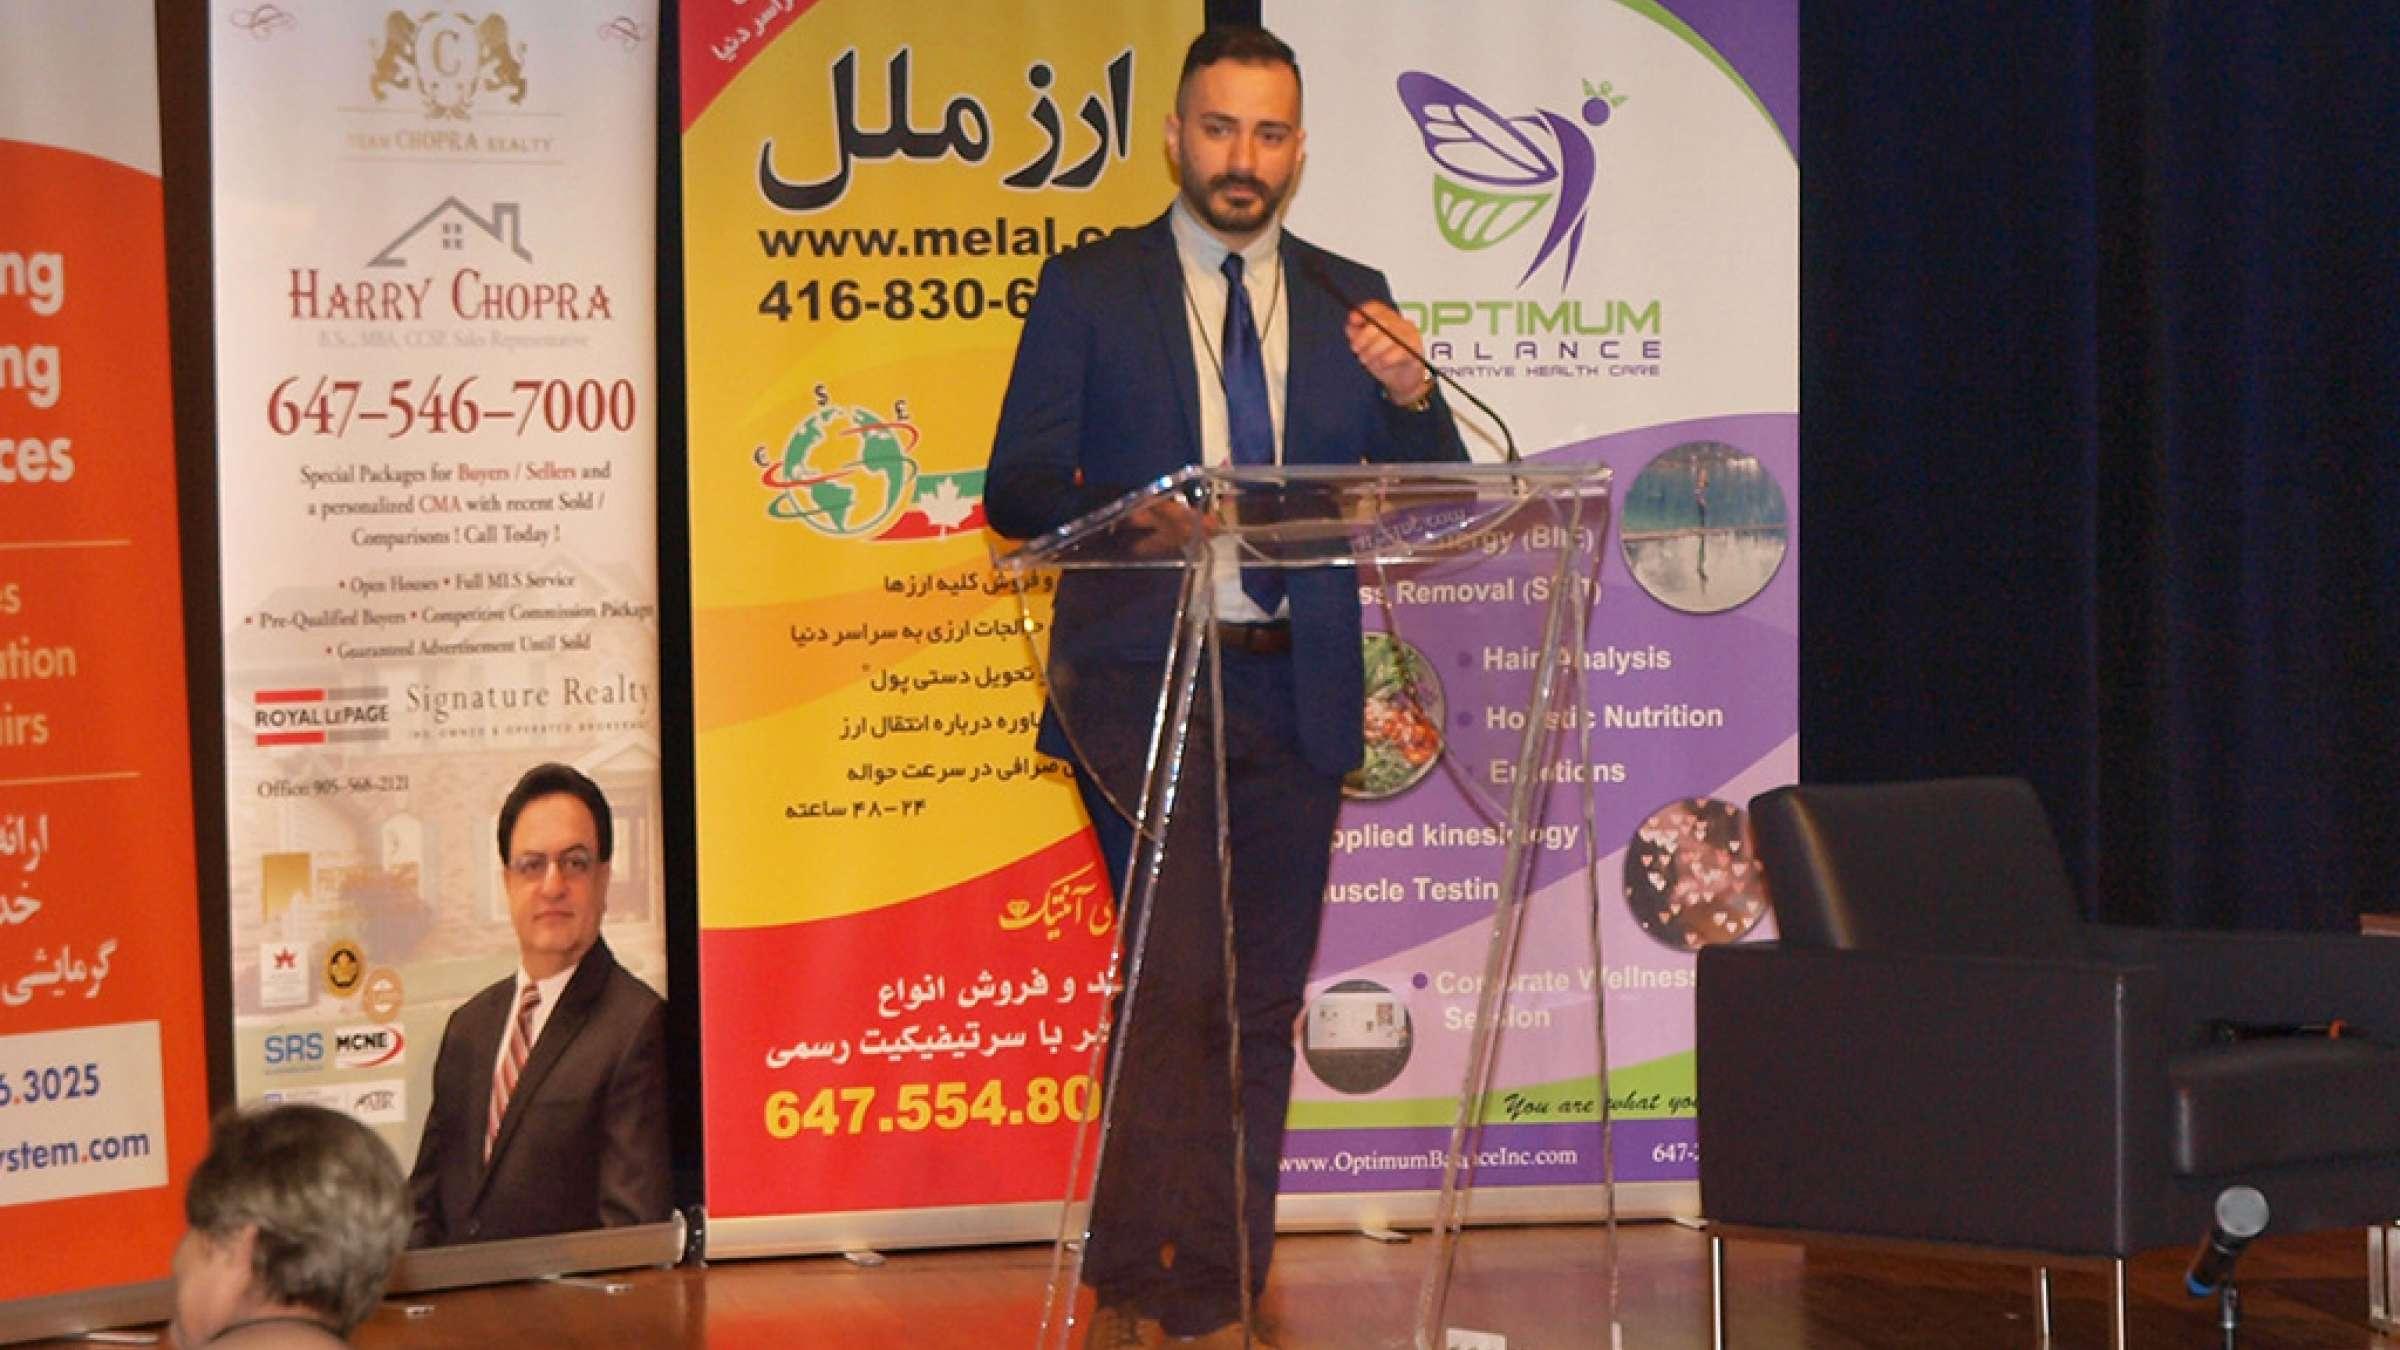 گزارش-روز-برگزاری-بزرگترین-سمینار-سرطان-ایرانیان-در-کانادا-پوریا-همتی